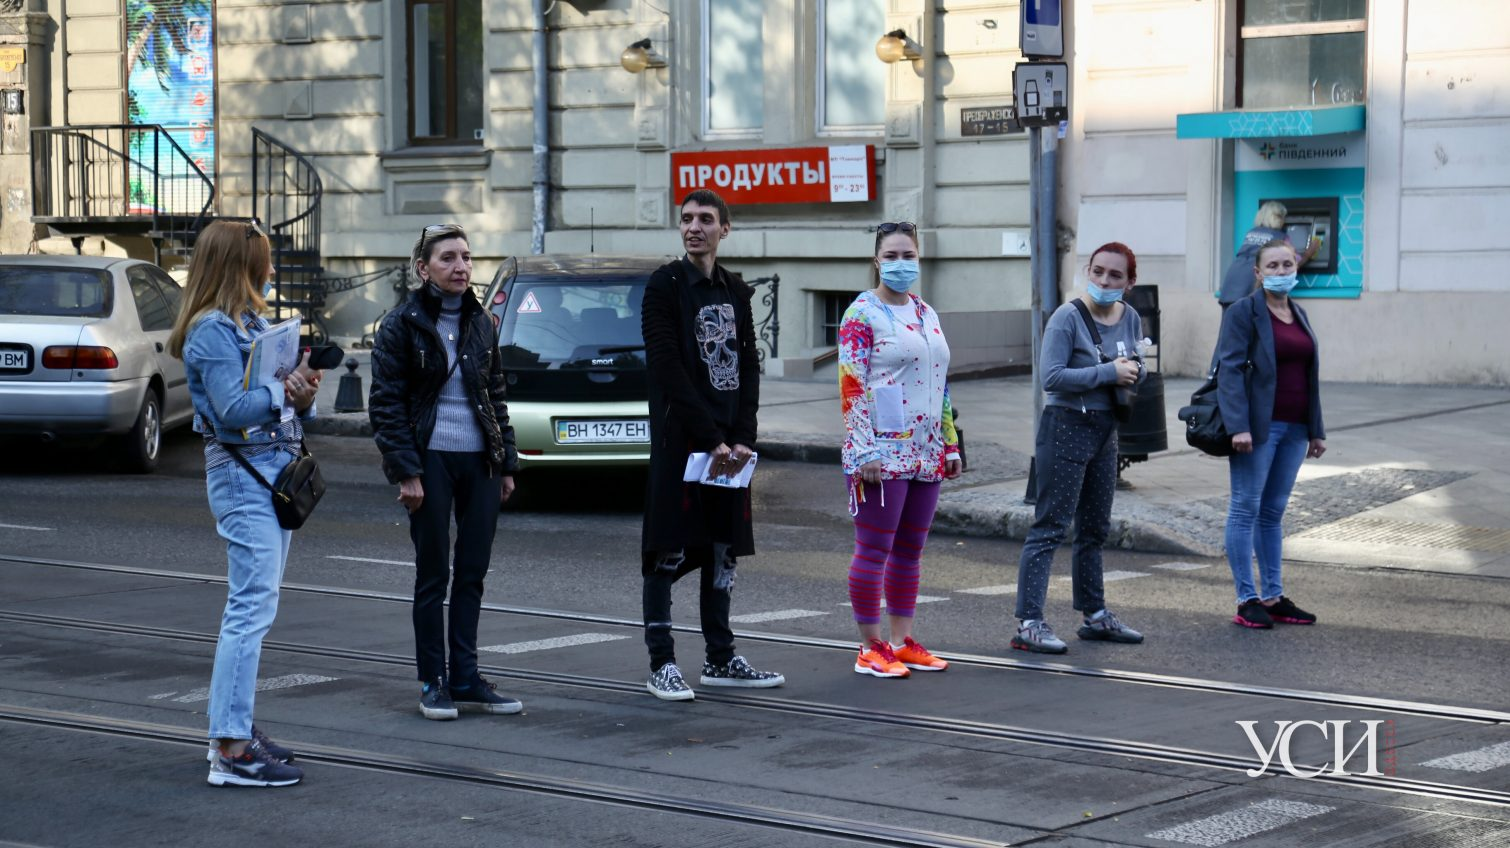 Жители переулка Маяковского перекрыли дорогу: жалуются на гостиницу рядом (фото, видео) «фото»